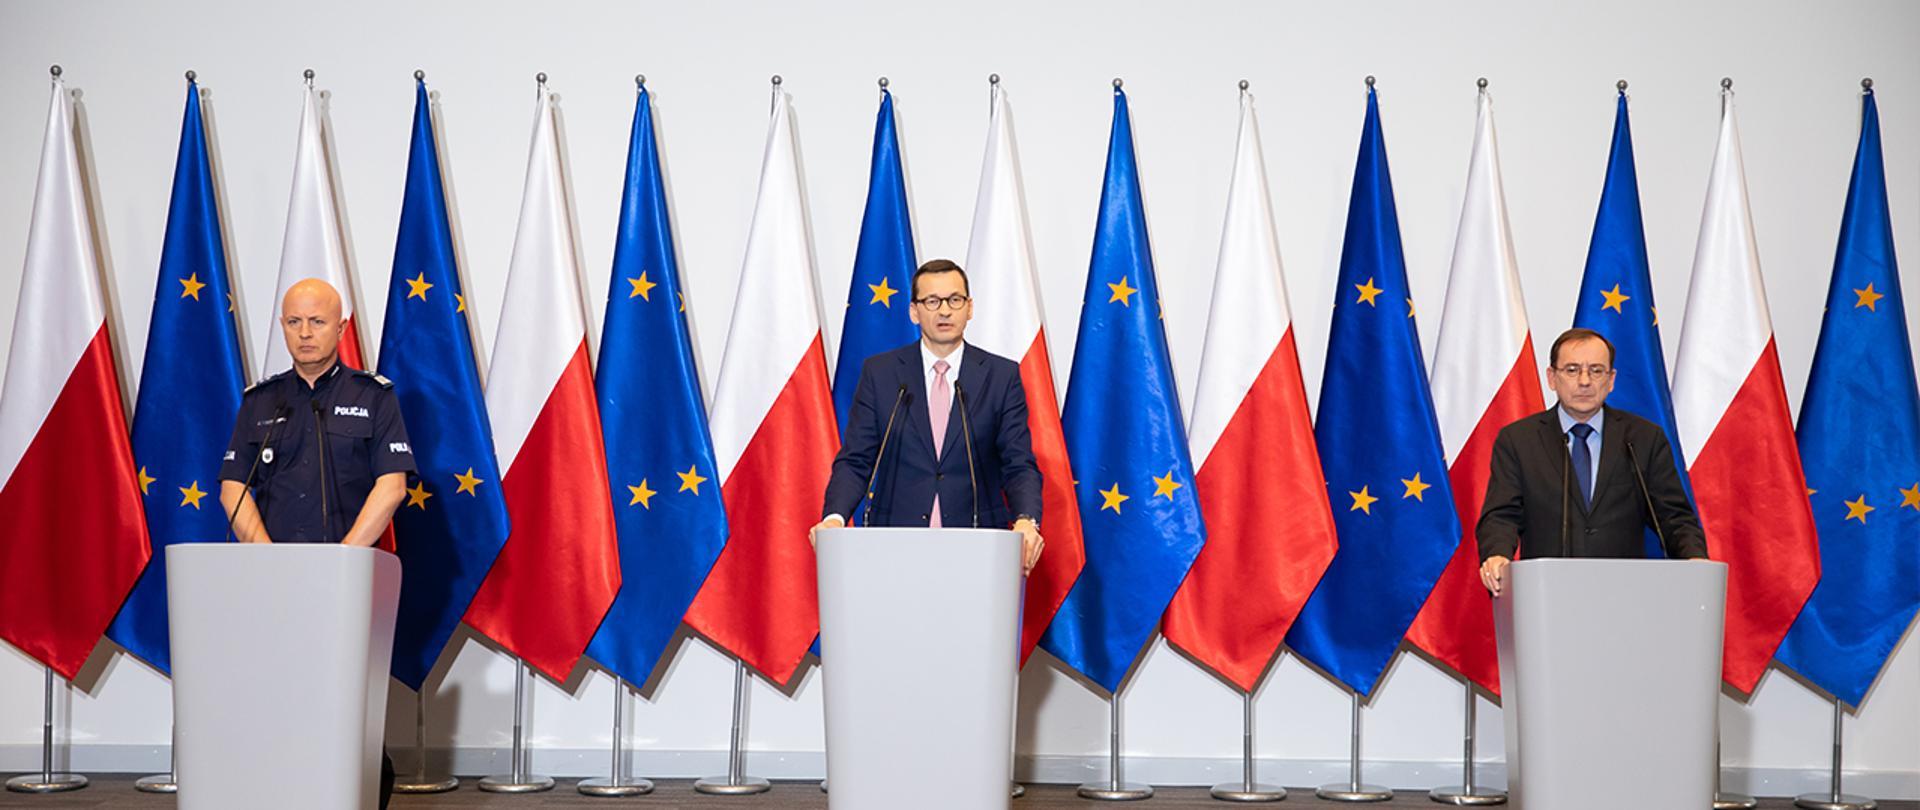 Na zdjęciu: premier Mateusz Morawiecki, minister Mariusz Kamiński i gen. insp. Jarosław Szymczyk – komendant główny Policji